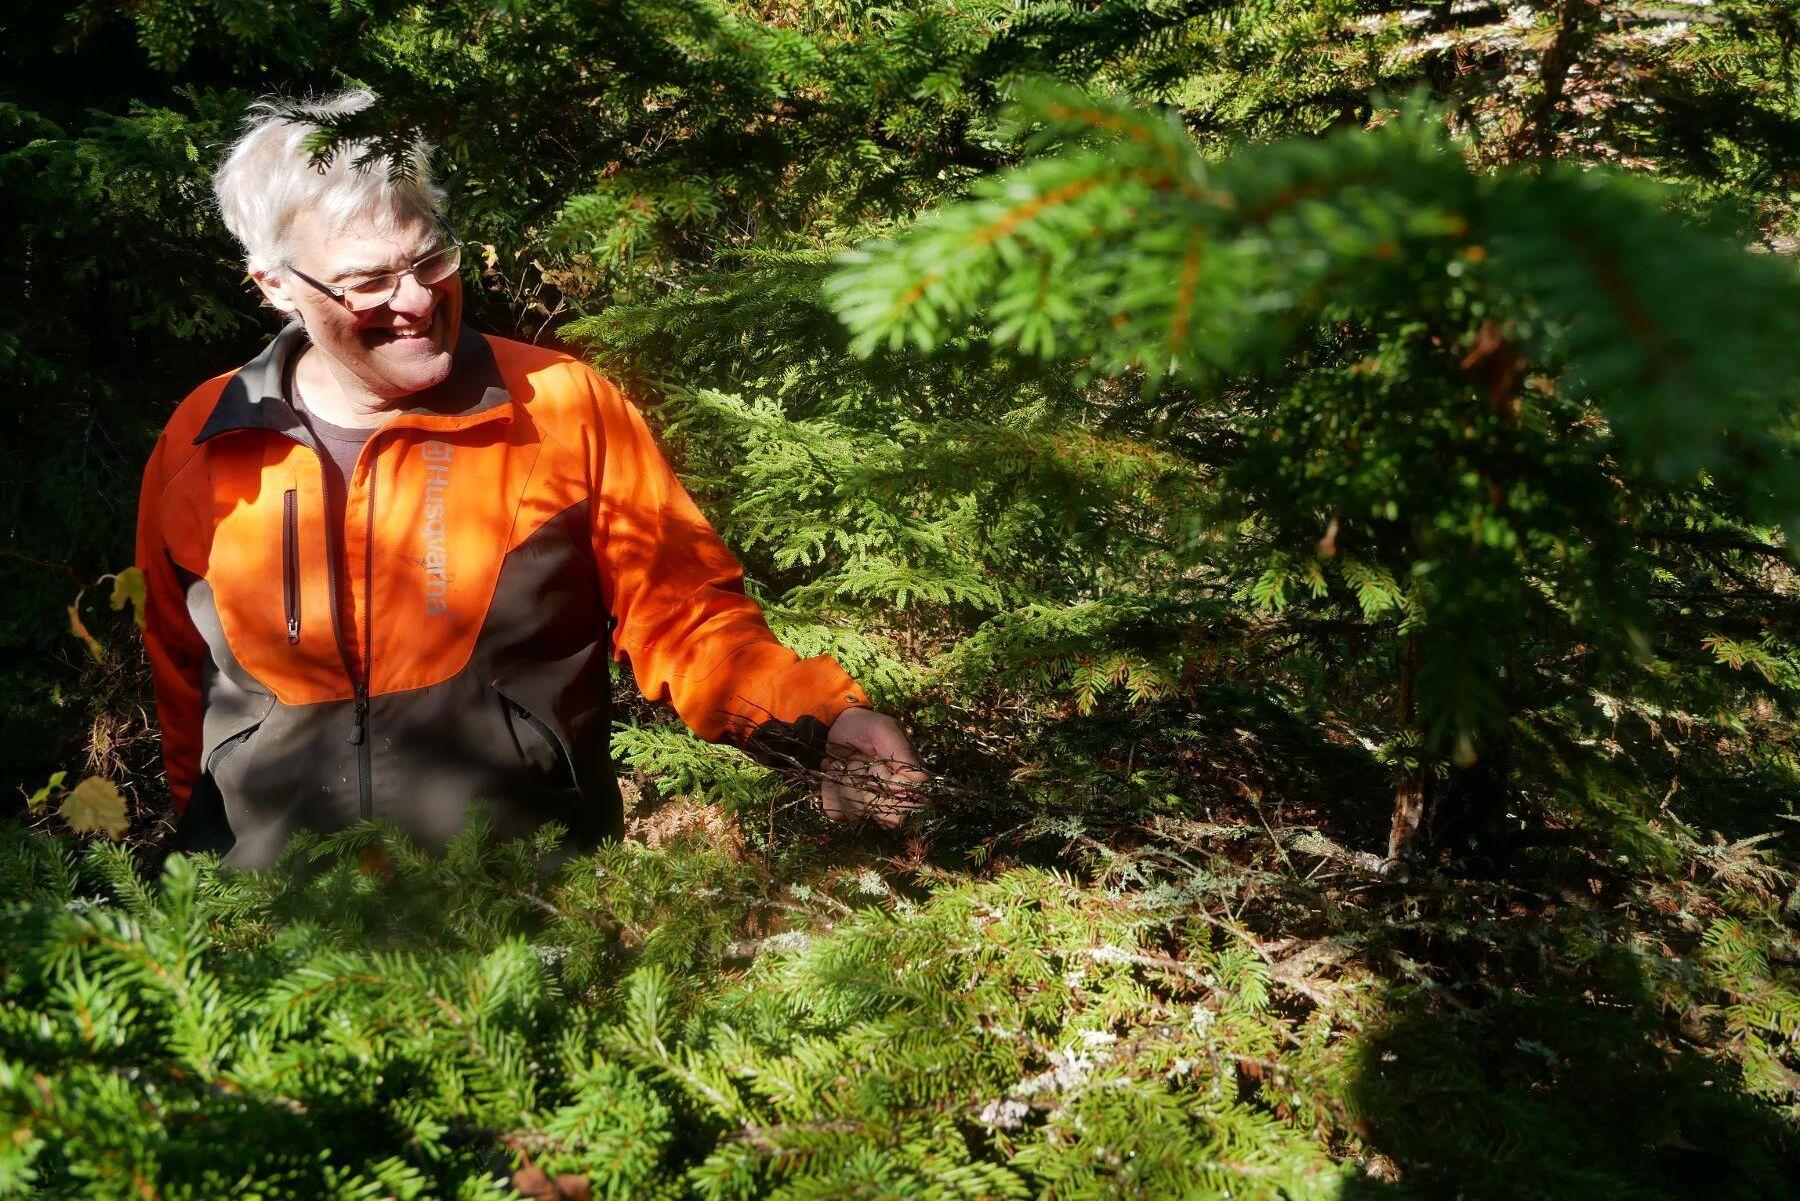 50 000 kronor i minskade intäkter - per hektar. Det räknar Michael Andersson att de omfattande granskadorna i en del av hans bestånd kostar.